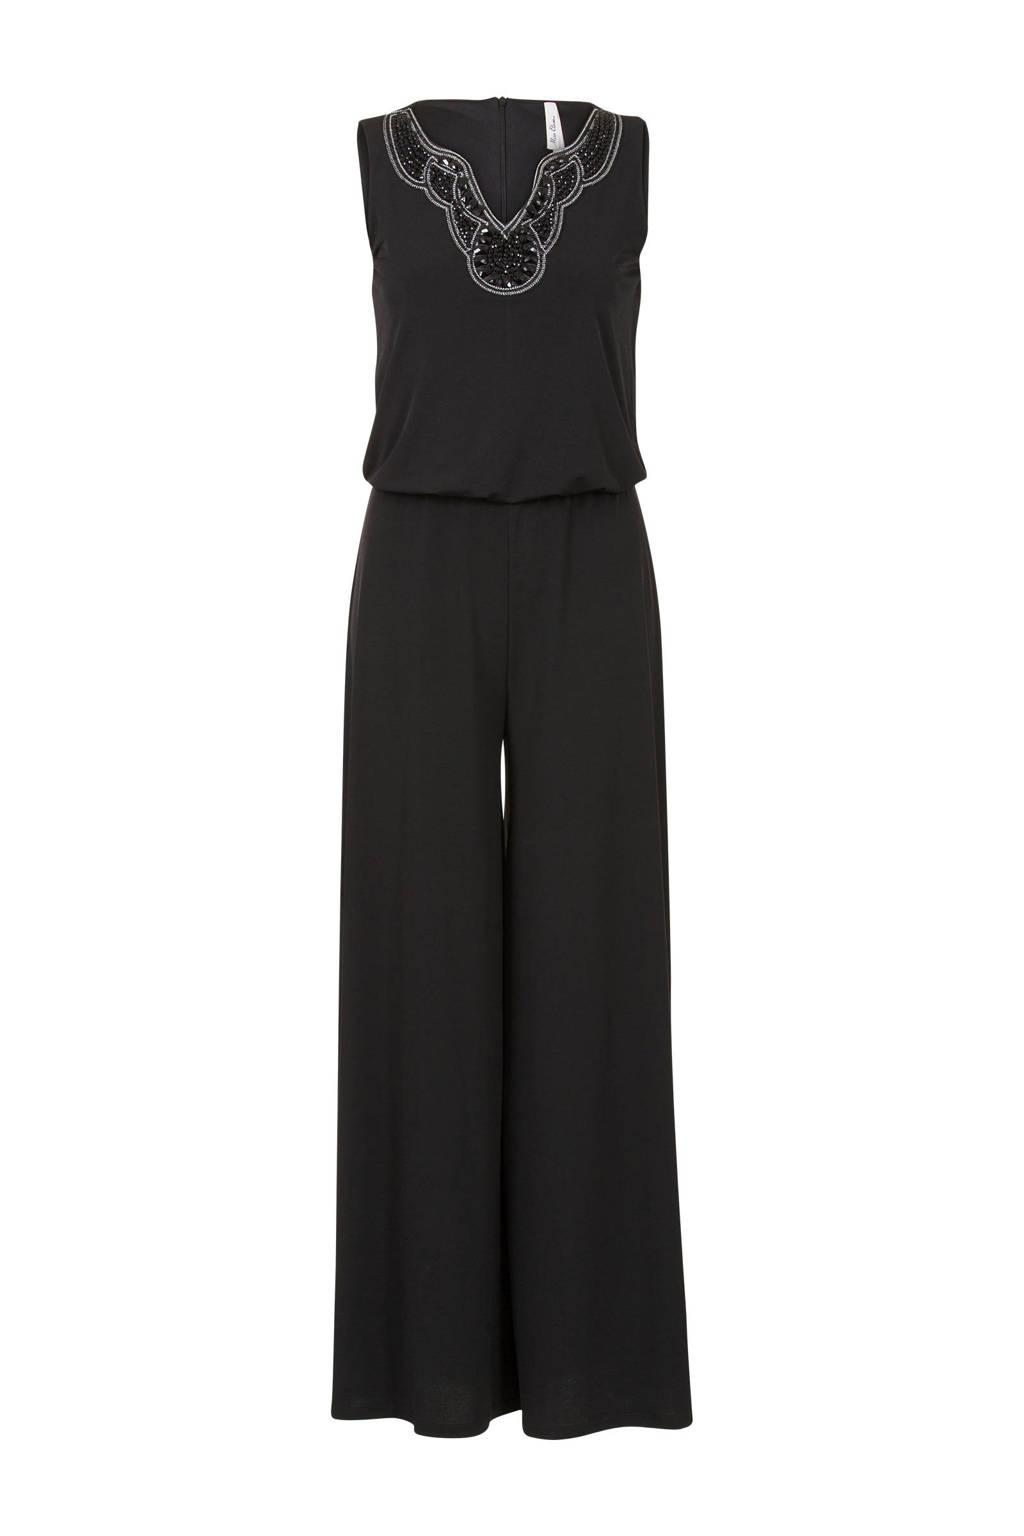 Miss Etam Regulier jumpsuit met kraaltjes zwart, Zwart